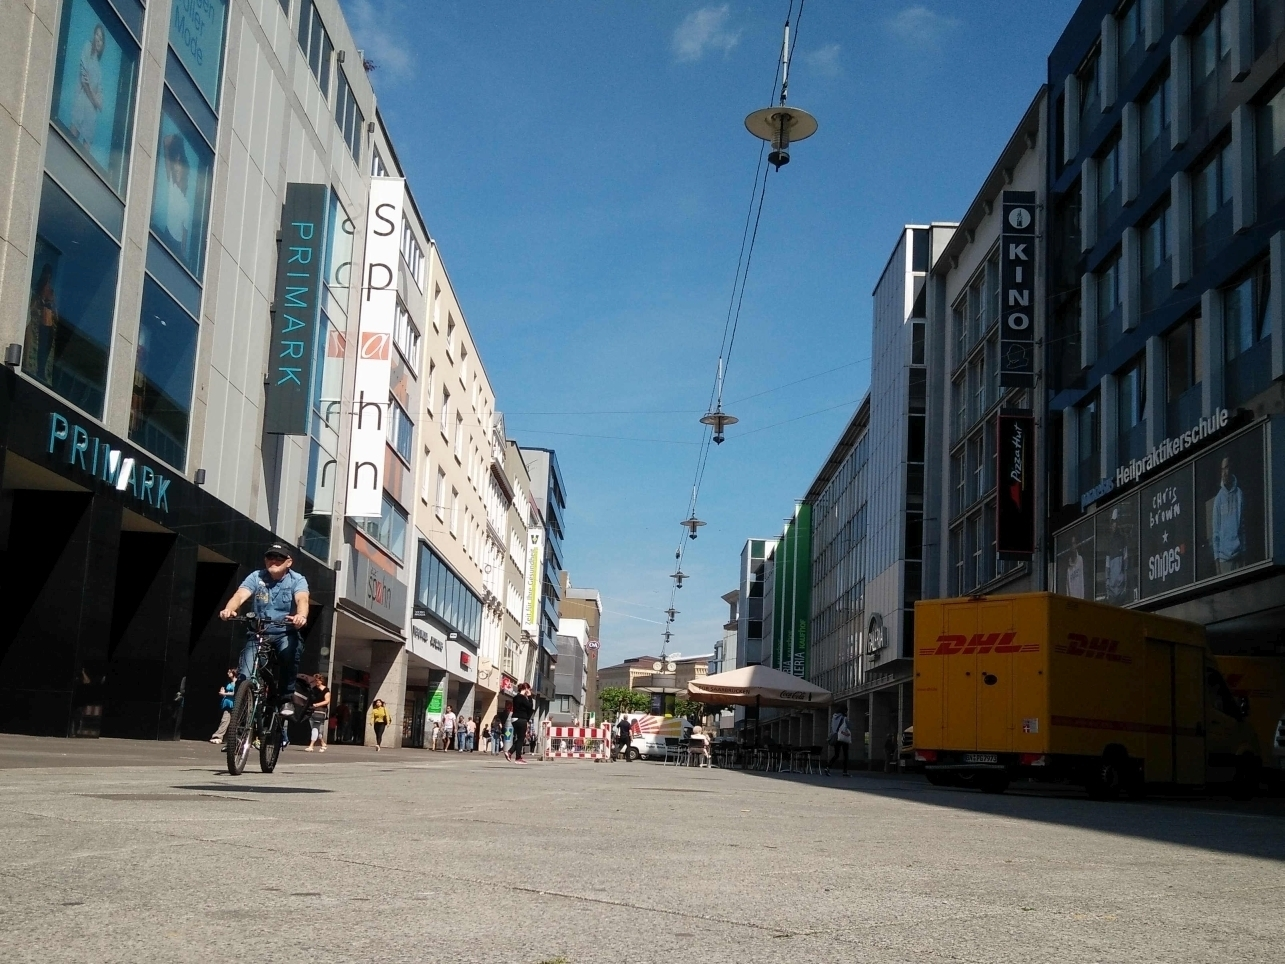 Fußgängerzone Saarbrücken, Foto Harald Kreutzer